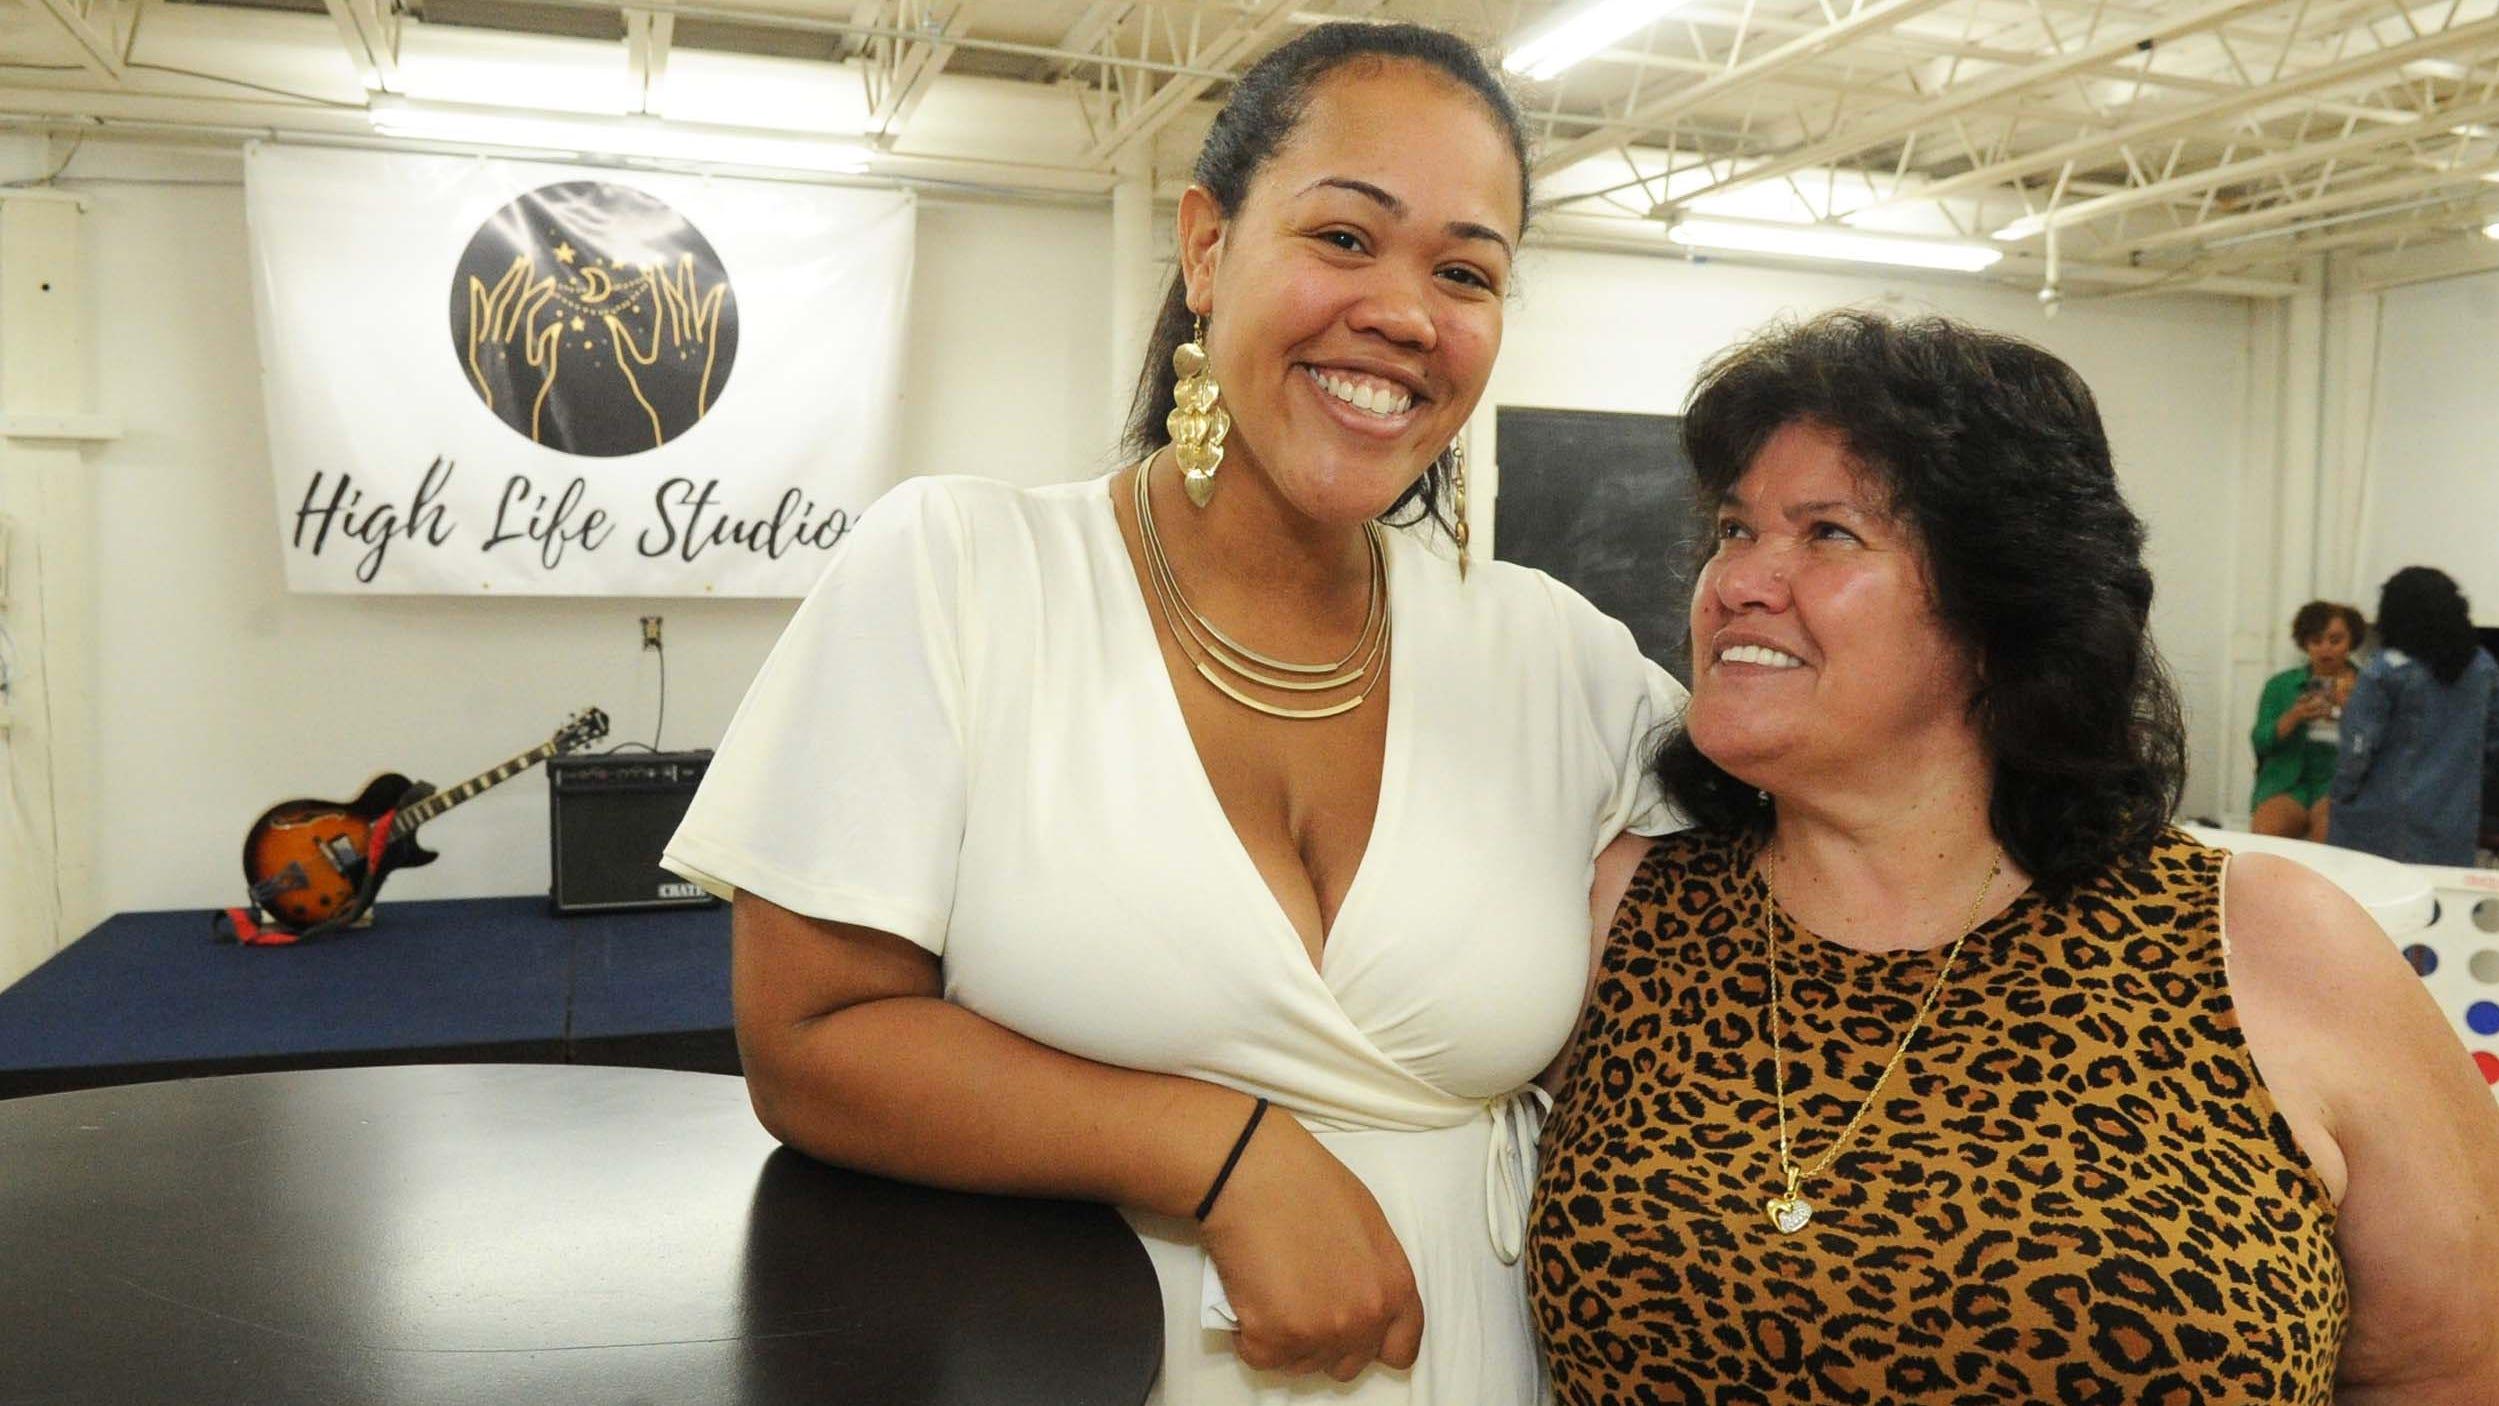 Sheryl O'Neill, a destra, e sua figlia Angela O'Neill, co-proprietaria degli High Life Studios di Rockland, posano per una foto durante l'inaugurazione della lussuosa sala eventi sabato 31 luglio 2021.